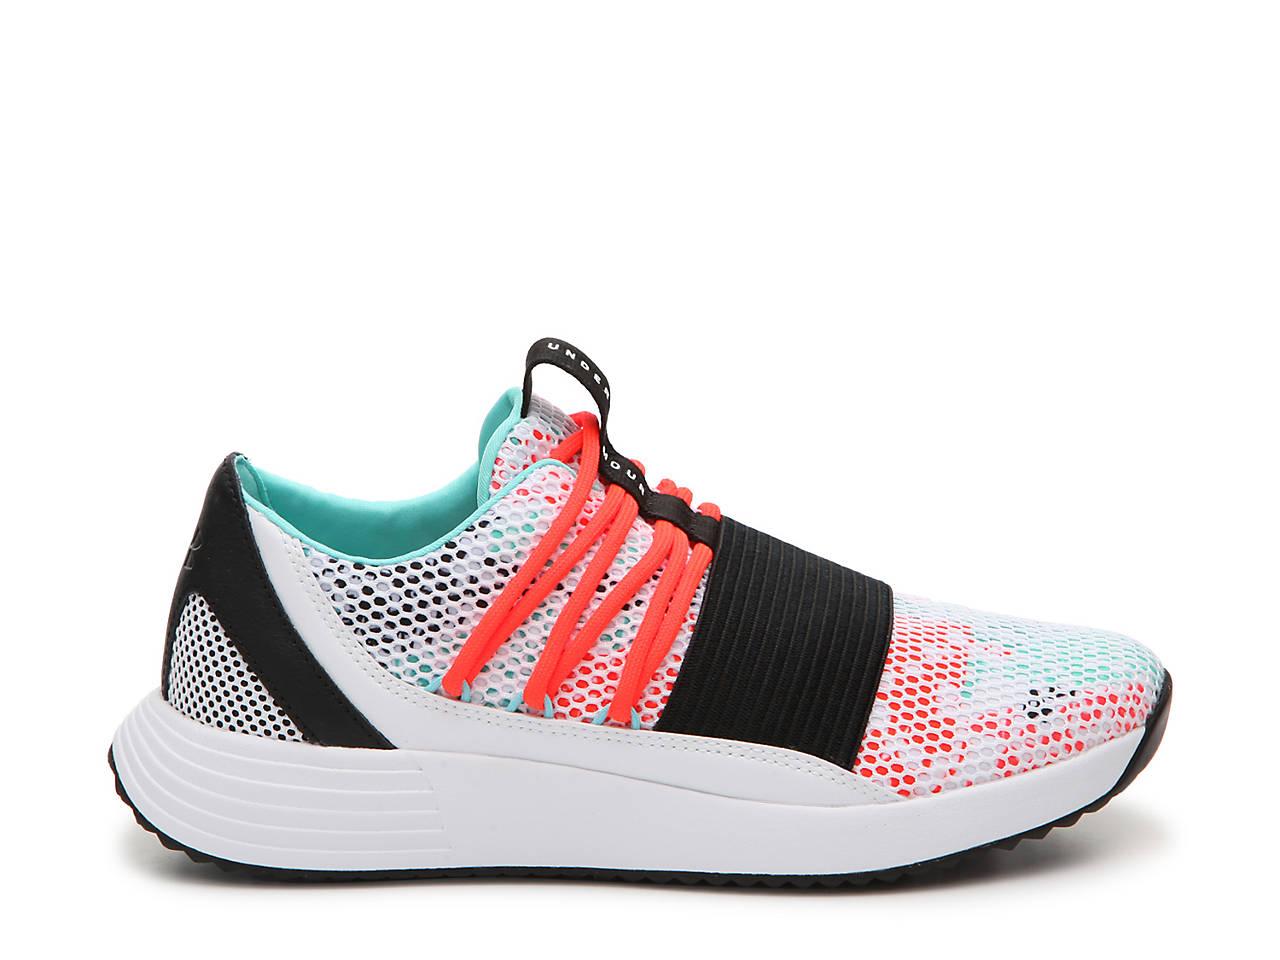 Under Armour Breathe Lace Training Shoe - Women s Women s Shoes  8c4943d8ccfc